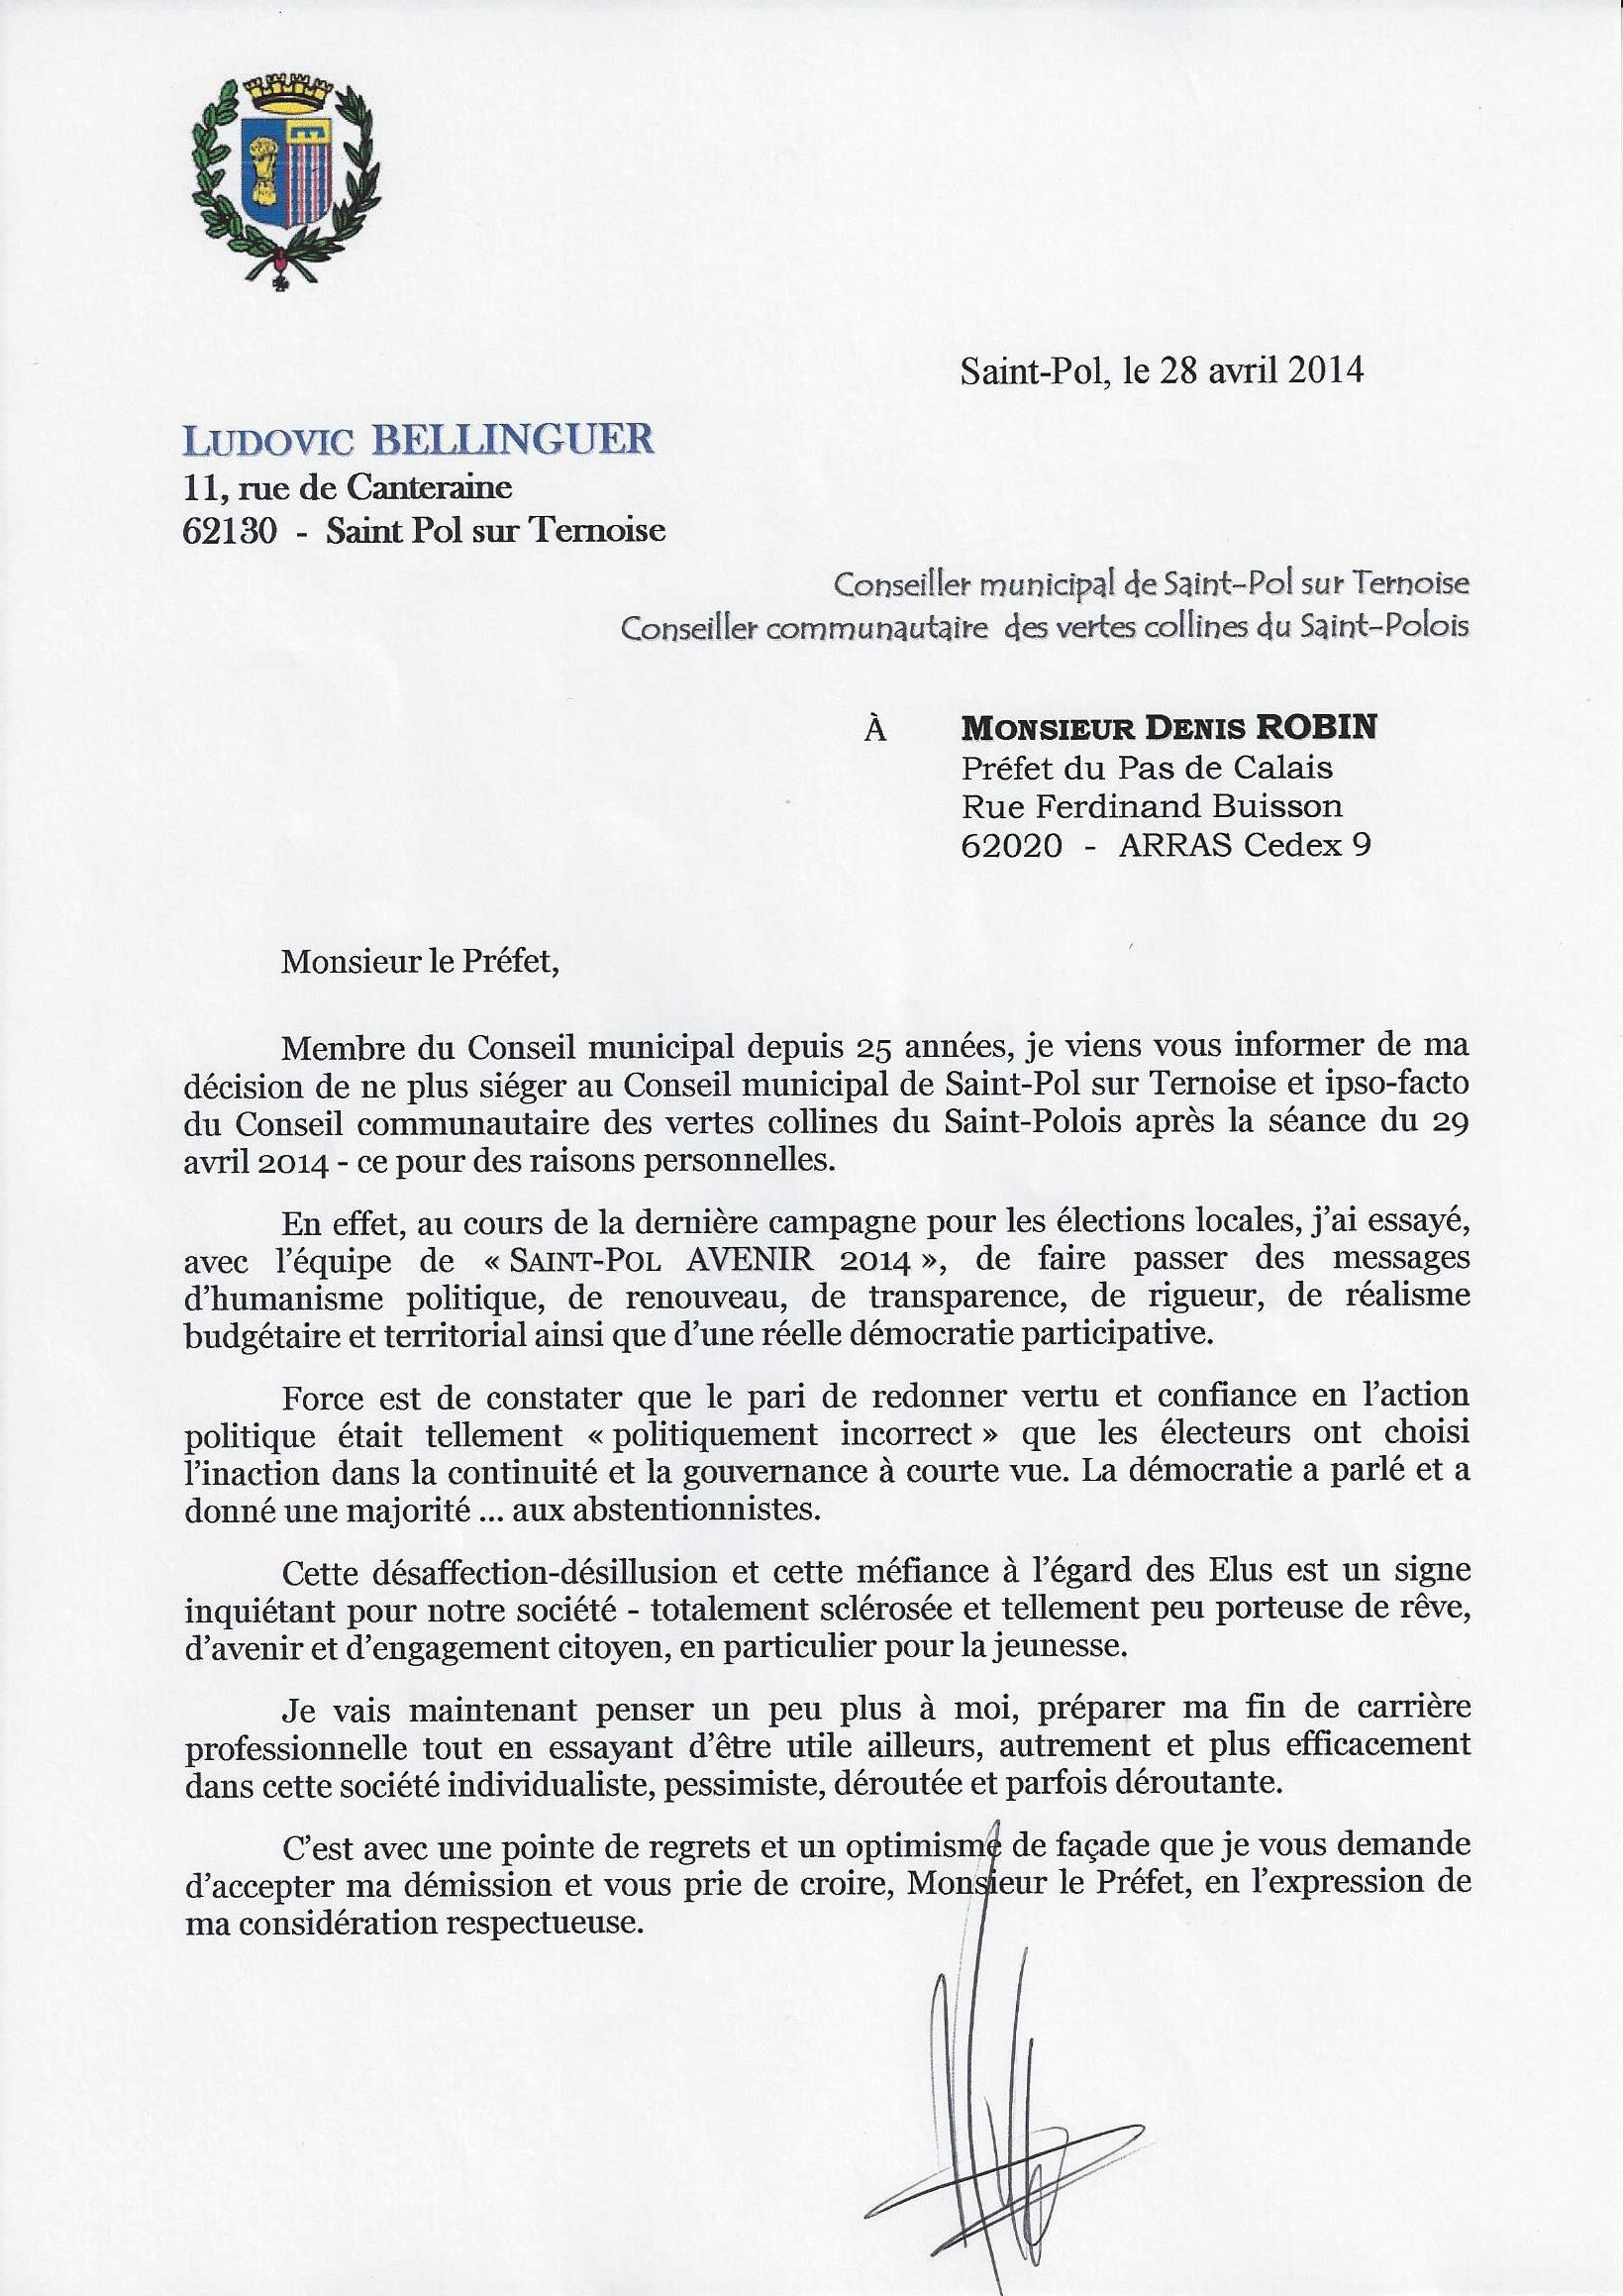 lettre de demission conseil municipal